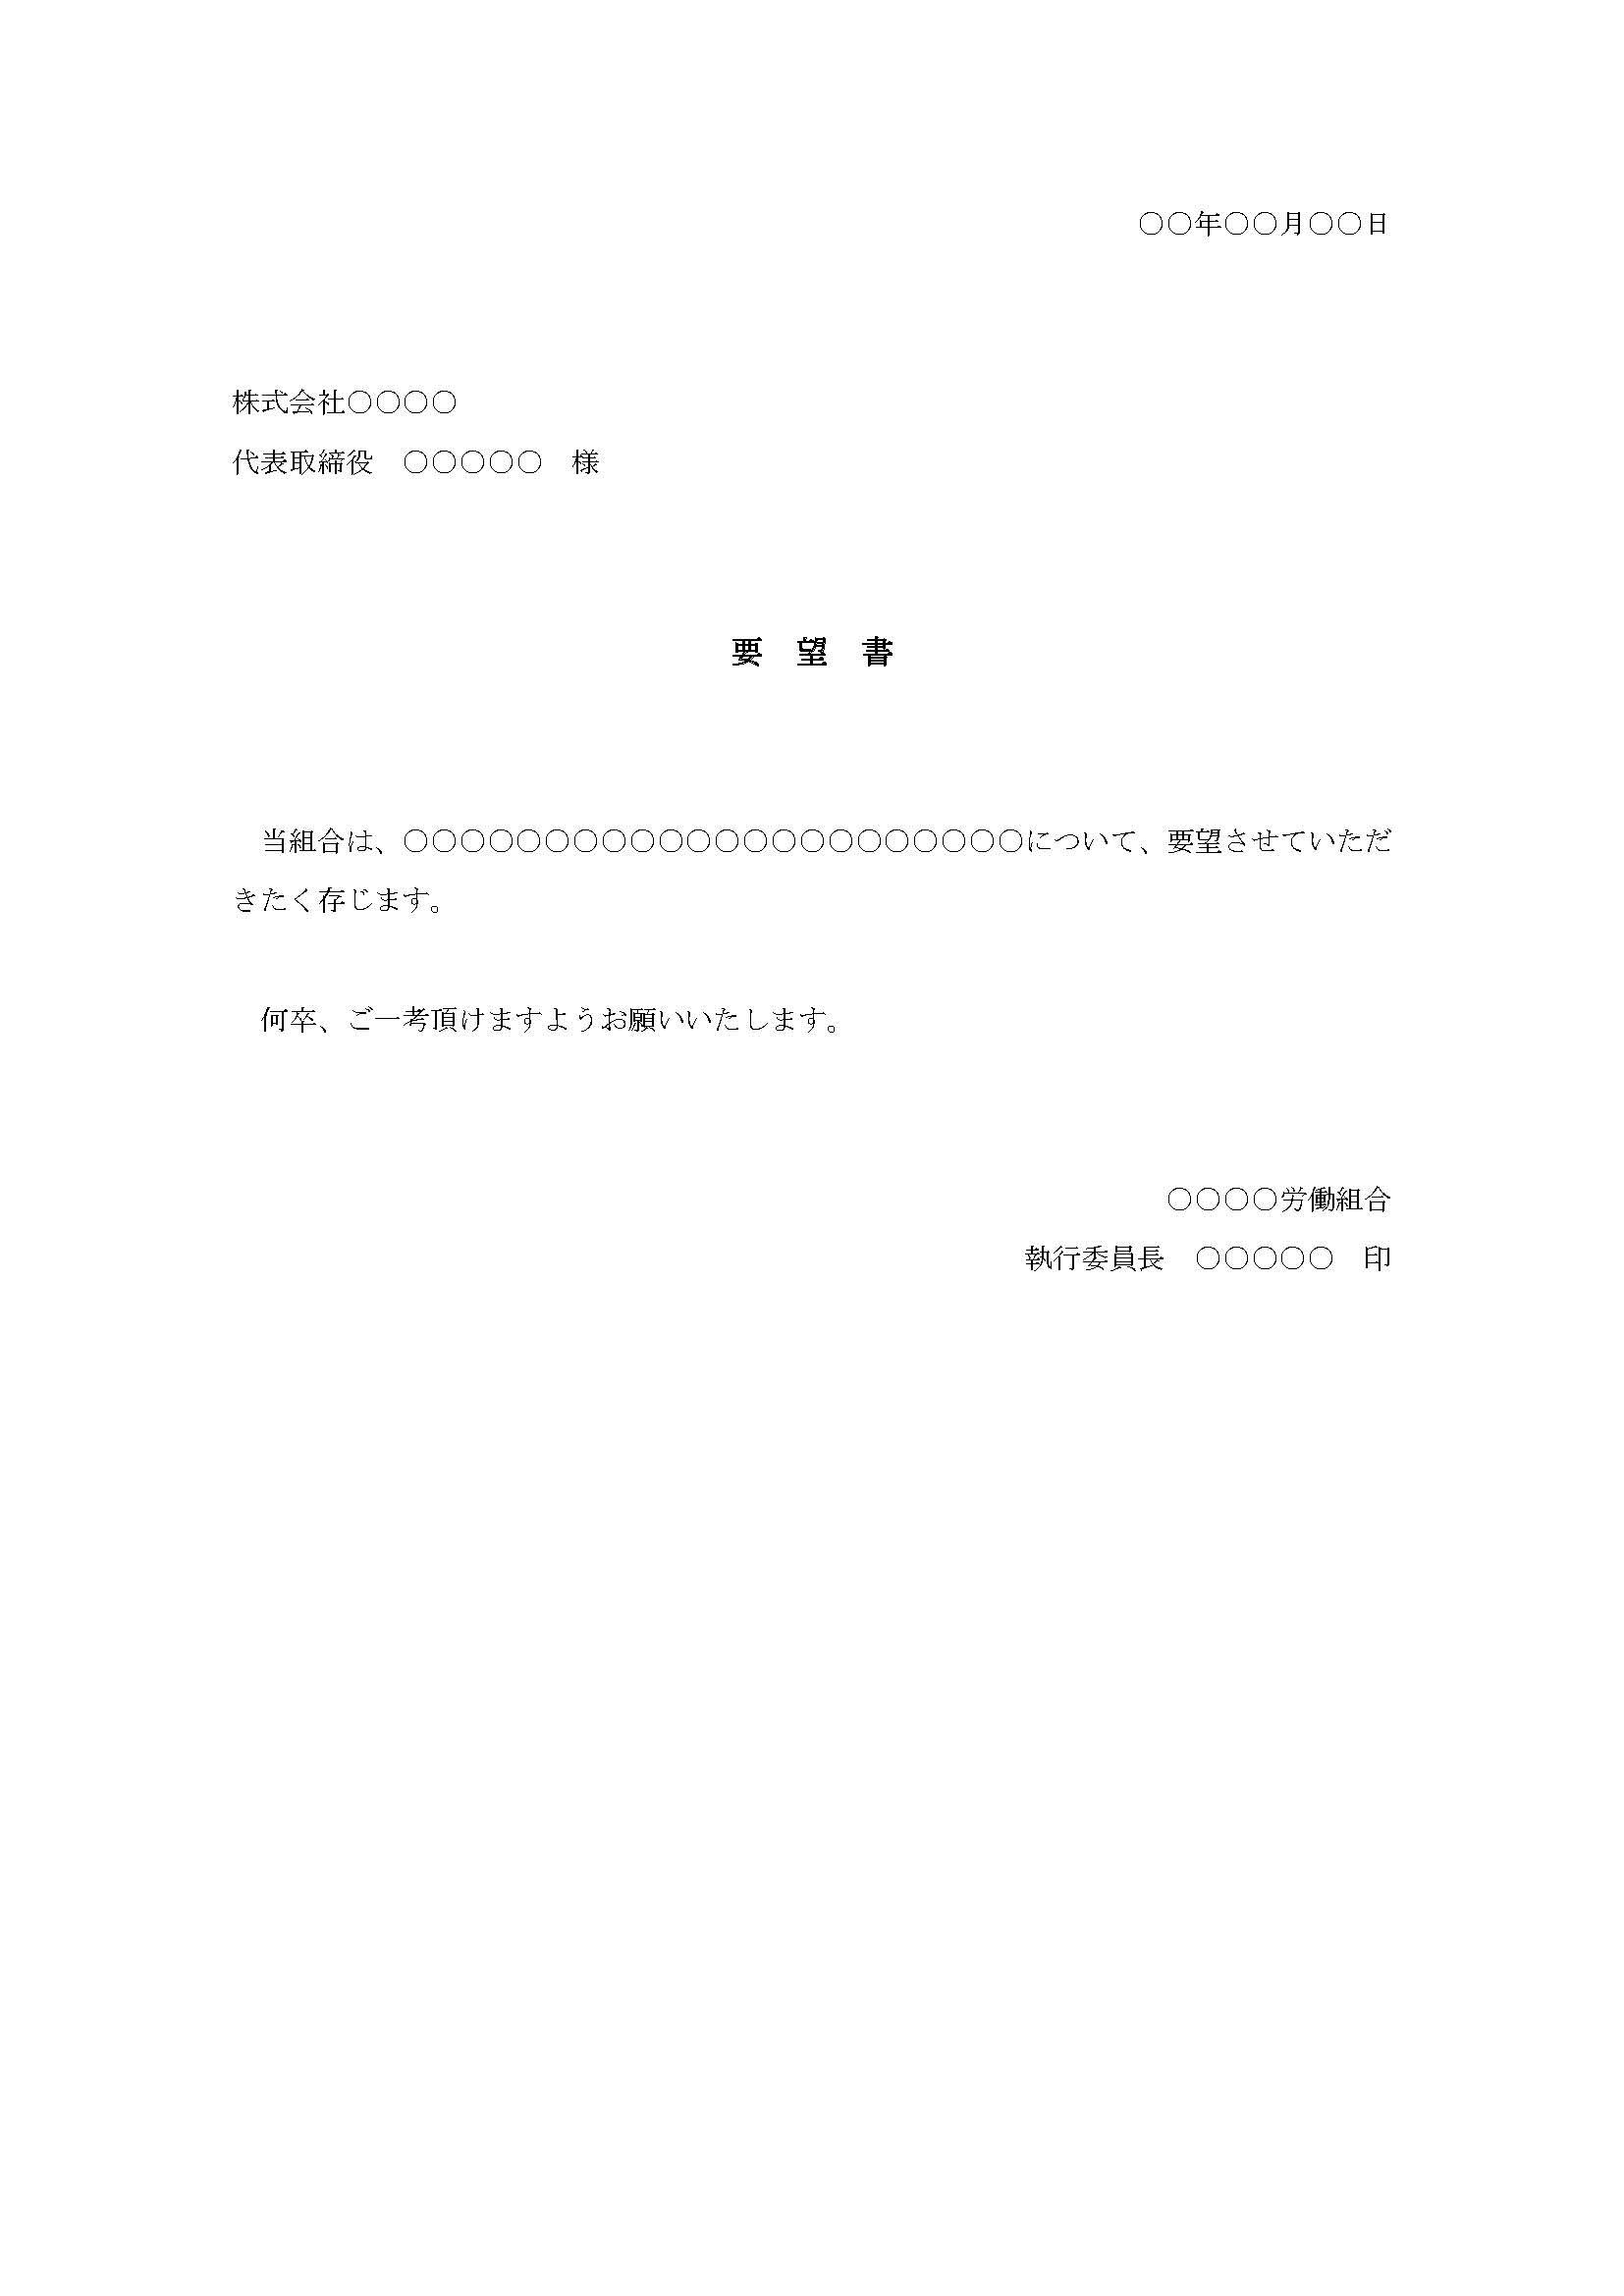 要望書01